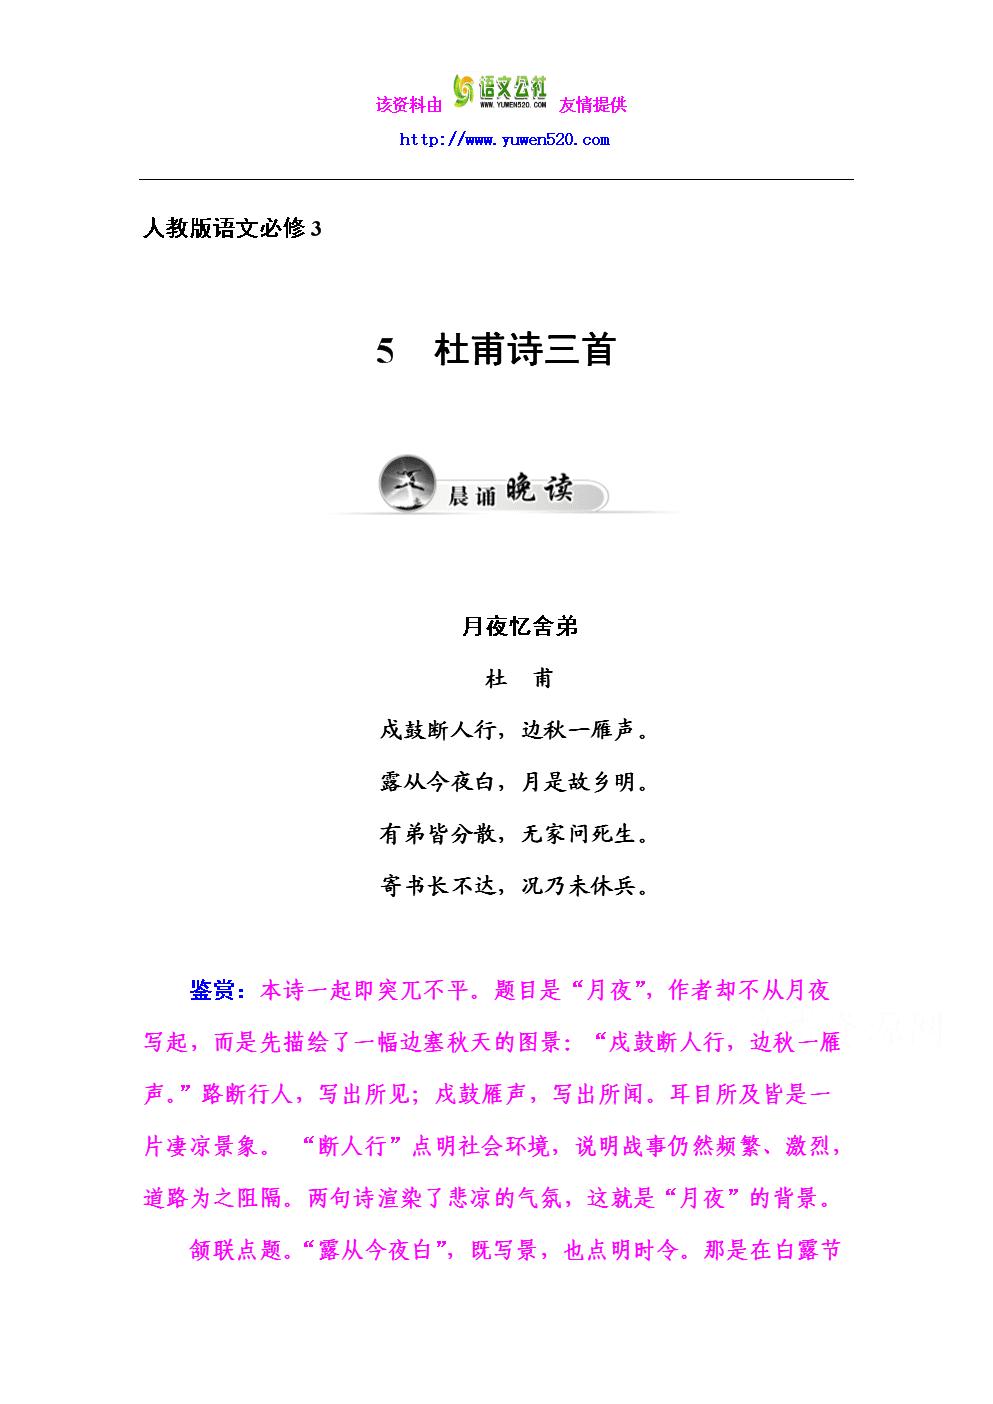 人教版语文必修三:第5课《杜甫诗三首》同步练习(含答案).doc